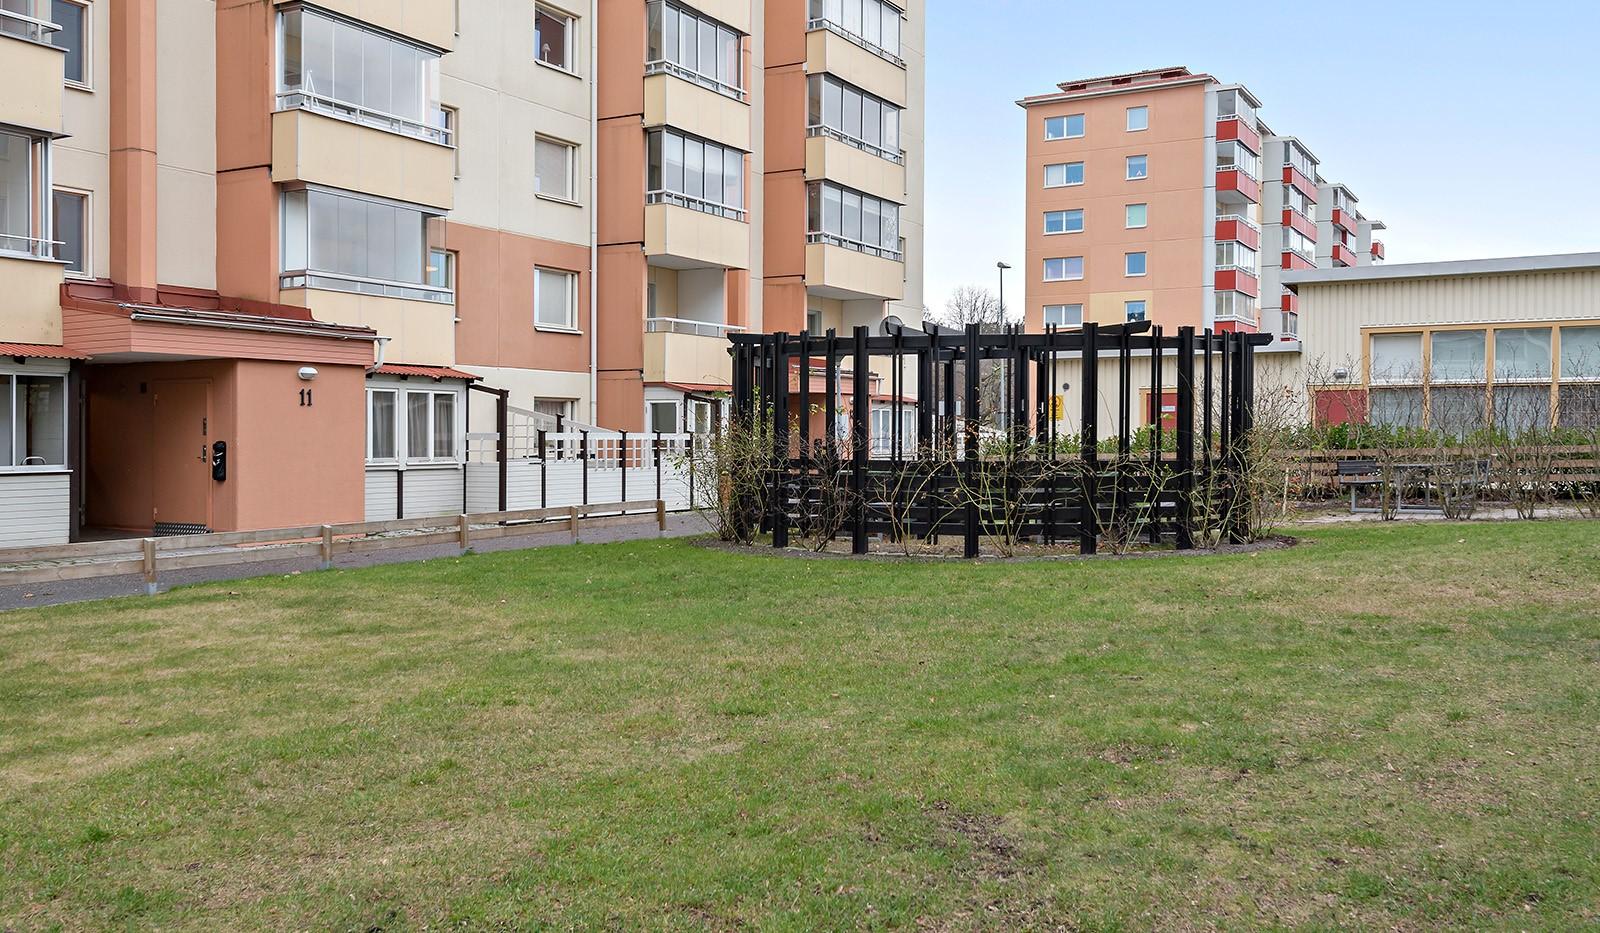 Hampvägen 11, 3tr - Fasad